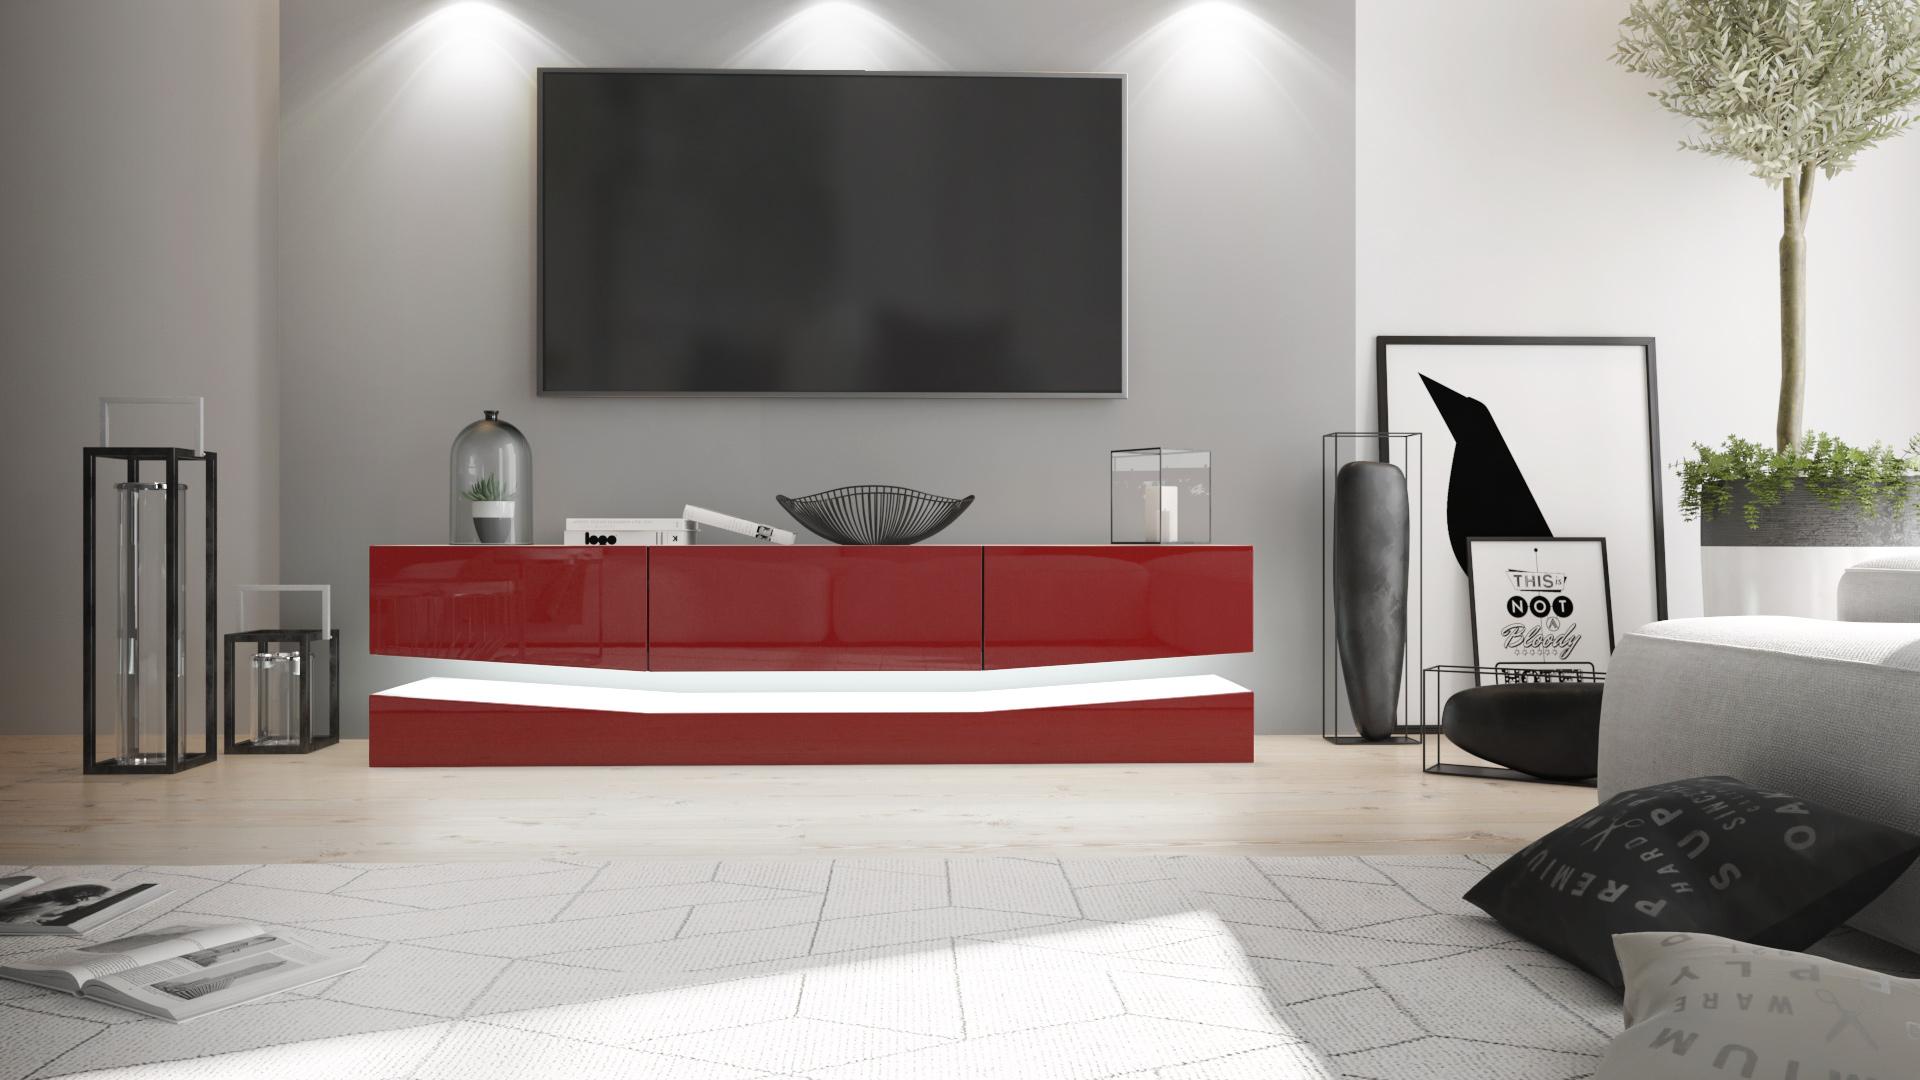 Meuble Tv Bordeaux Myfrdesign Co # Meuble Tv Bordeaux